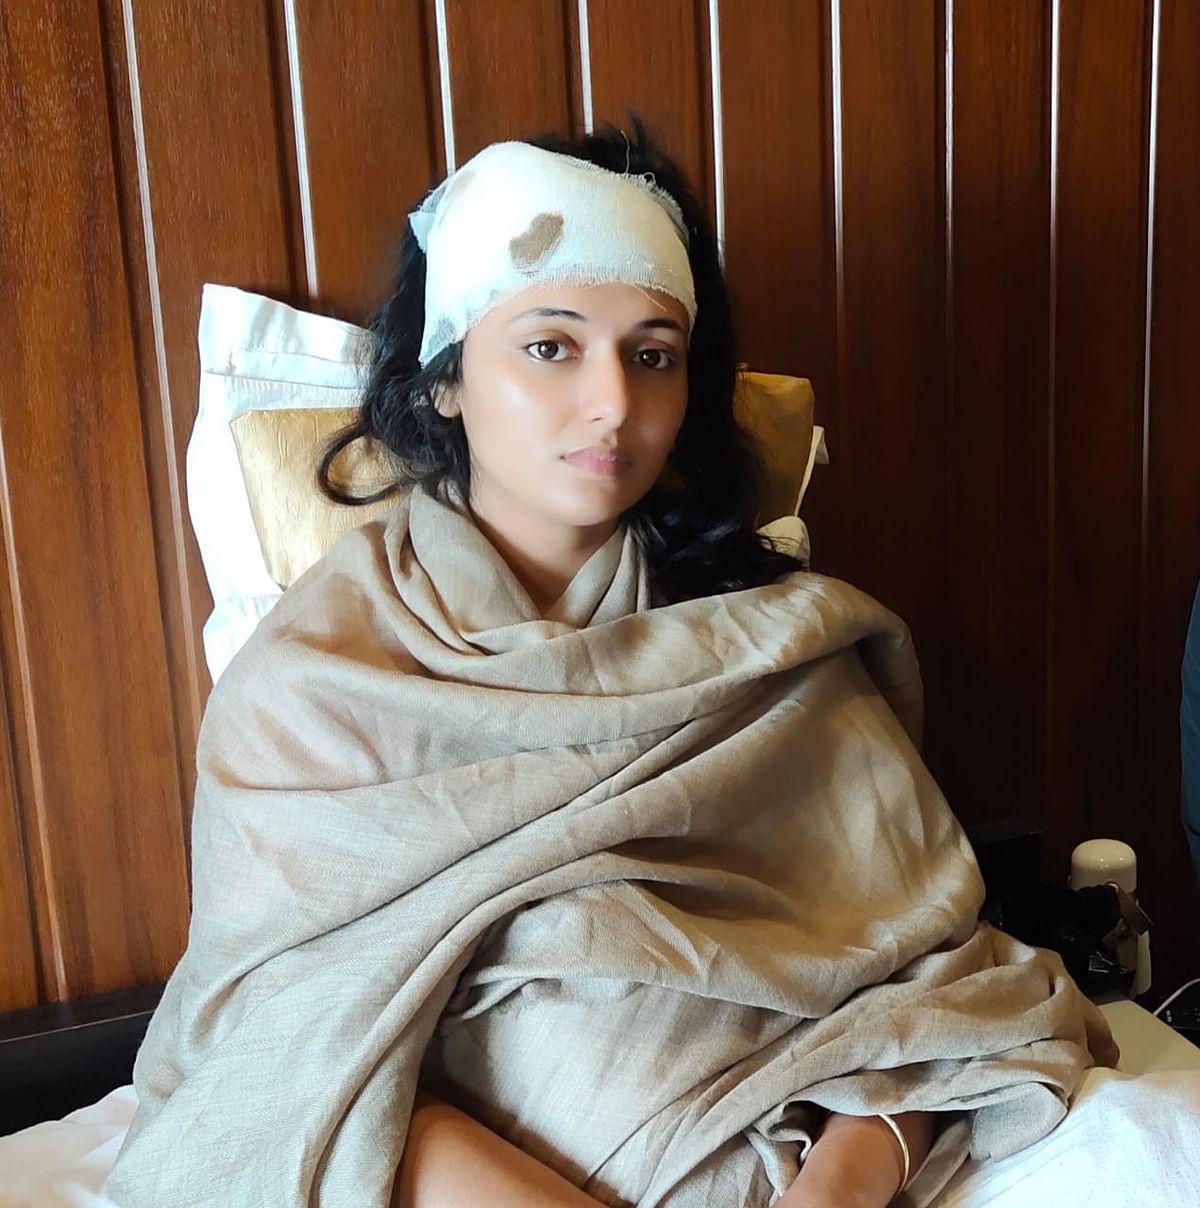 जौनपुर : फिल्म की शूटिंग के दौरान आरजकतत्वों ने किया पथराव, भोजपुरी अभिनेत्री मणि भट्टाचार्य घायल